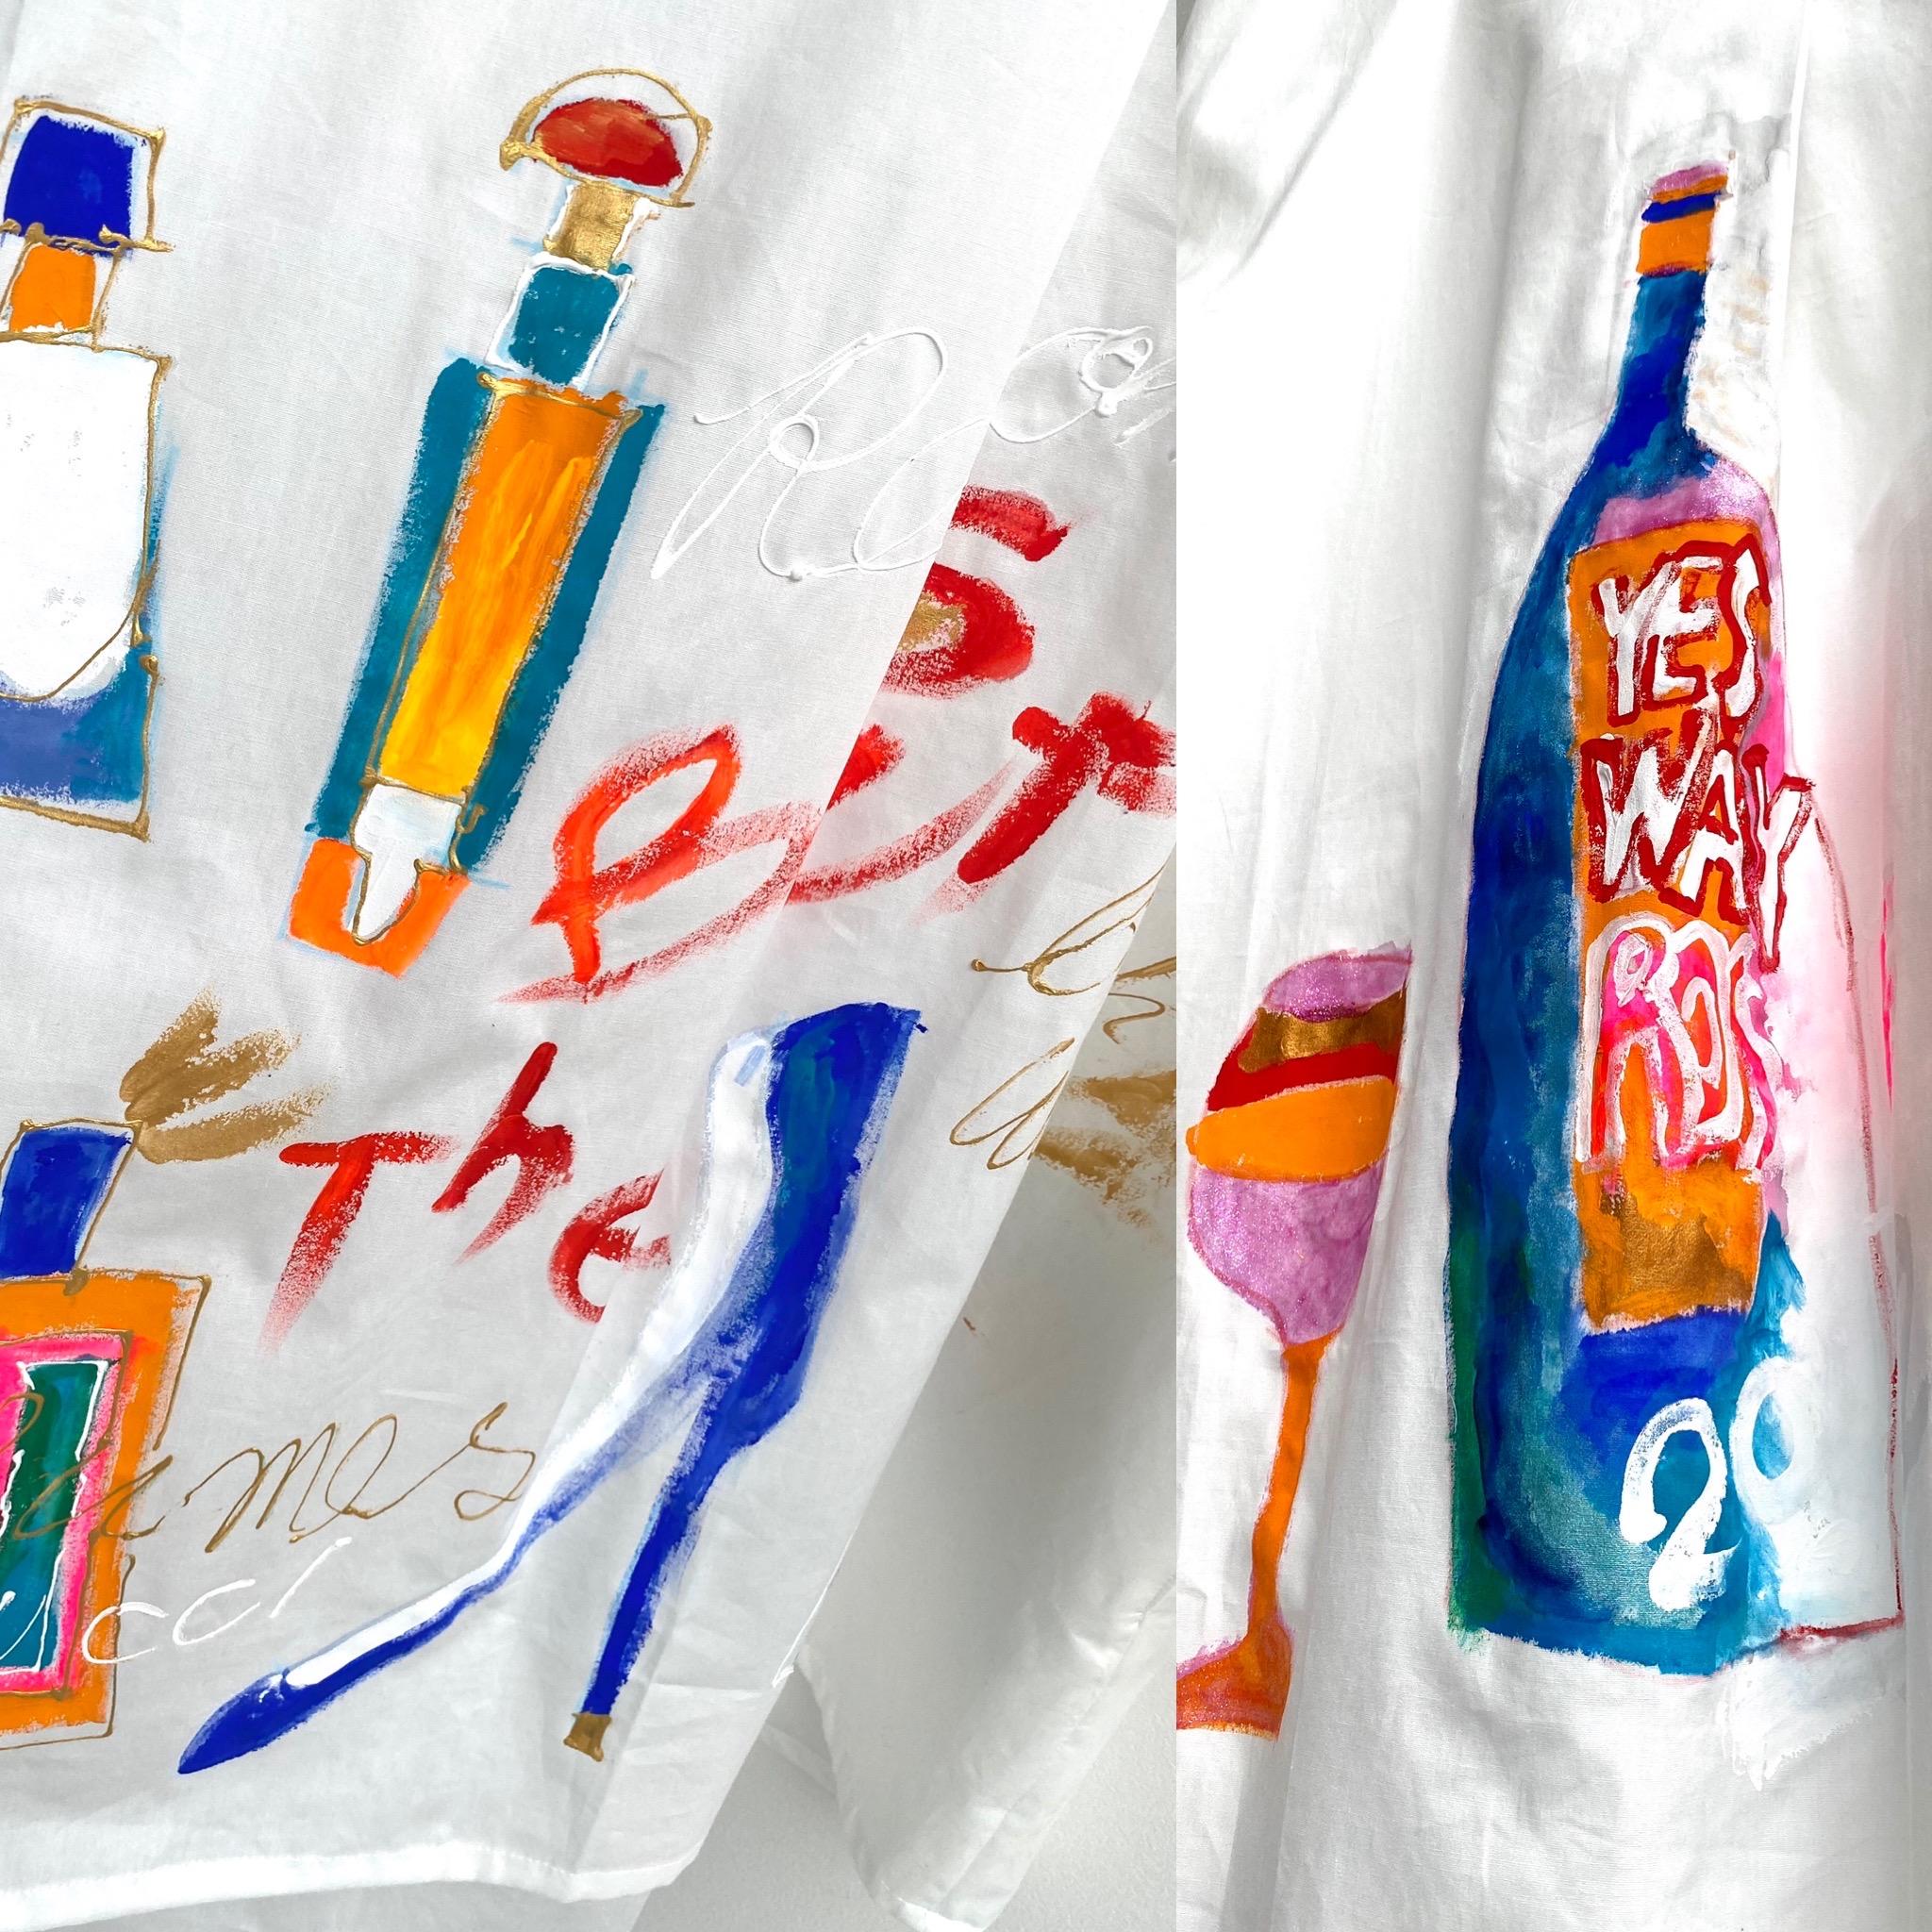 岩切エミと衣笠泰介アートコラボ